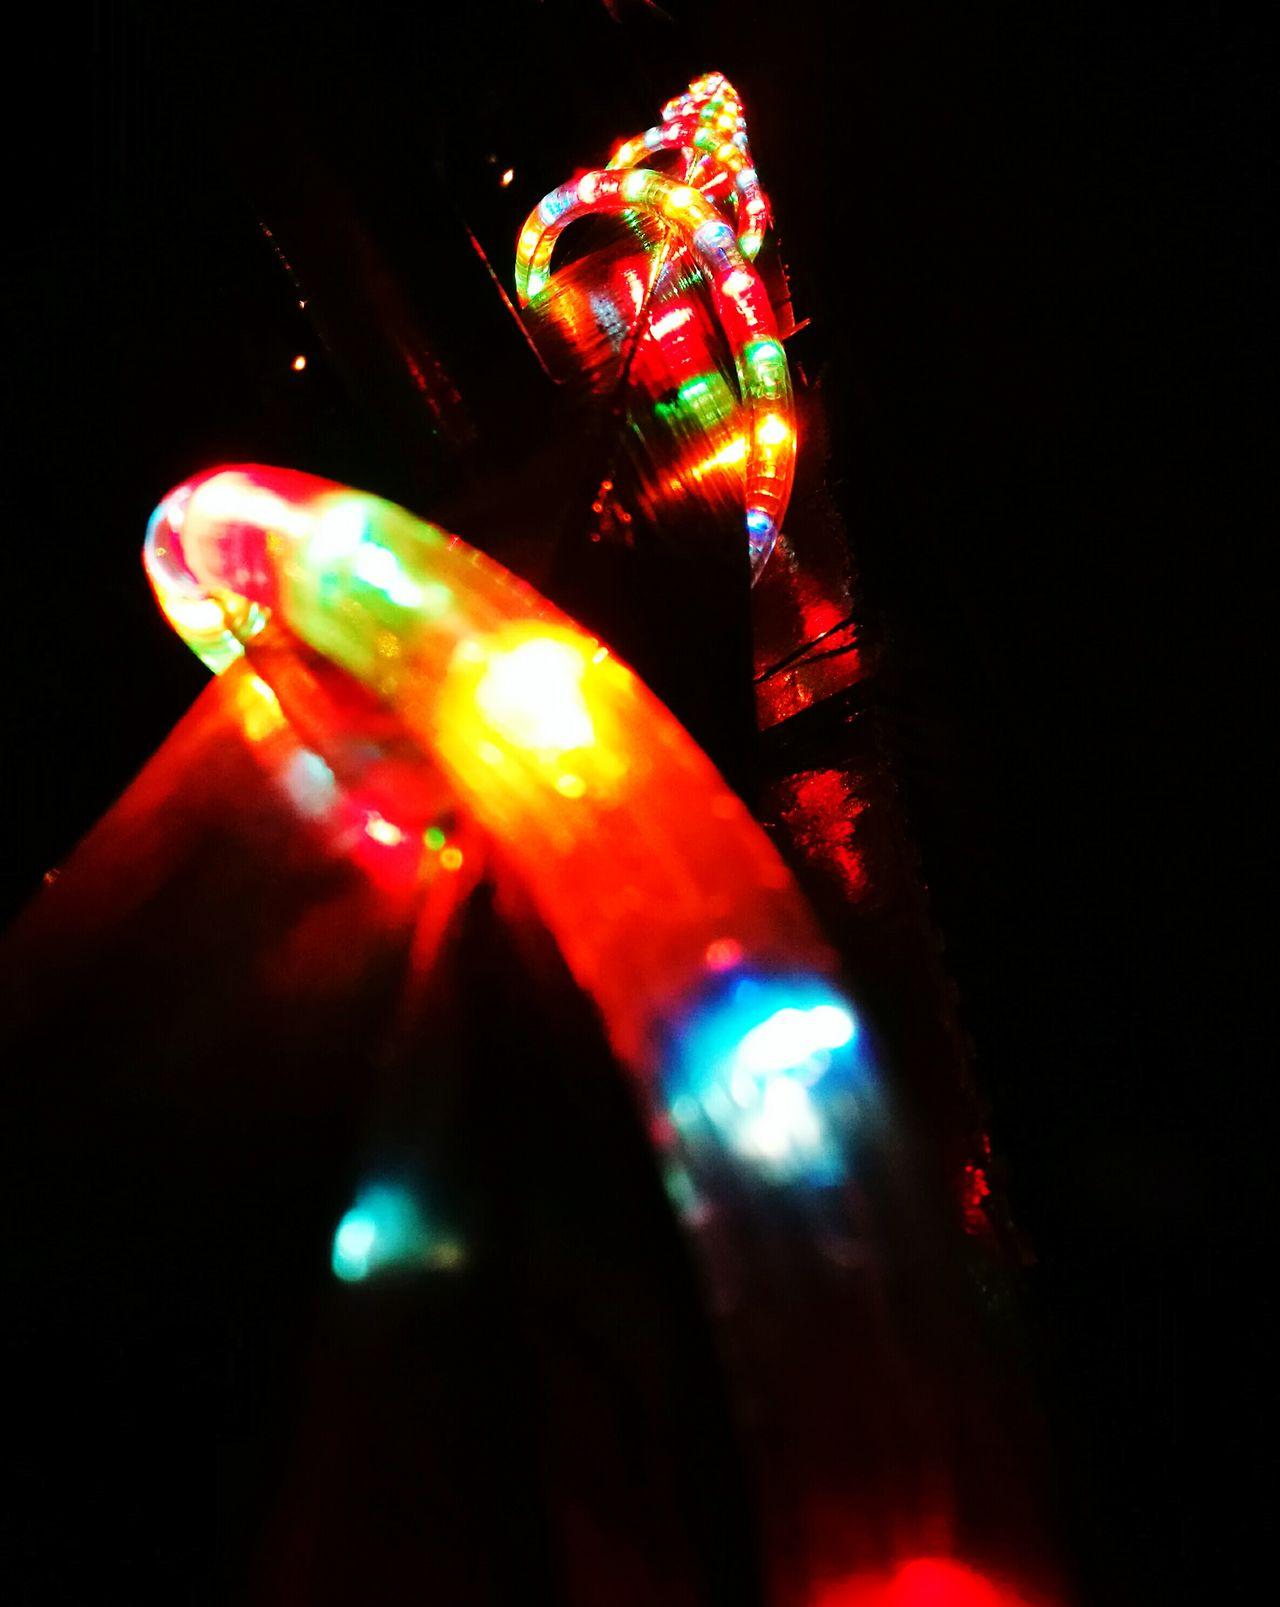 Light Nightphotography Night Lump Lights światełko Ozdoby Piękno Jest Wszędzie Piekny Widok